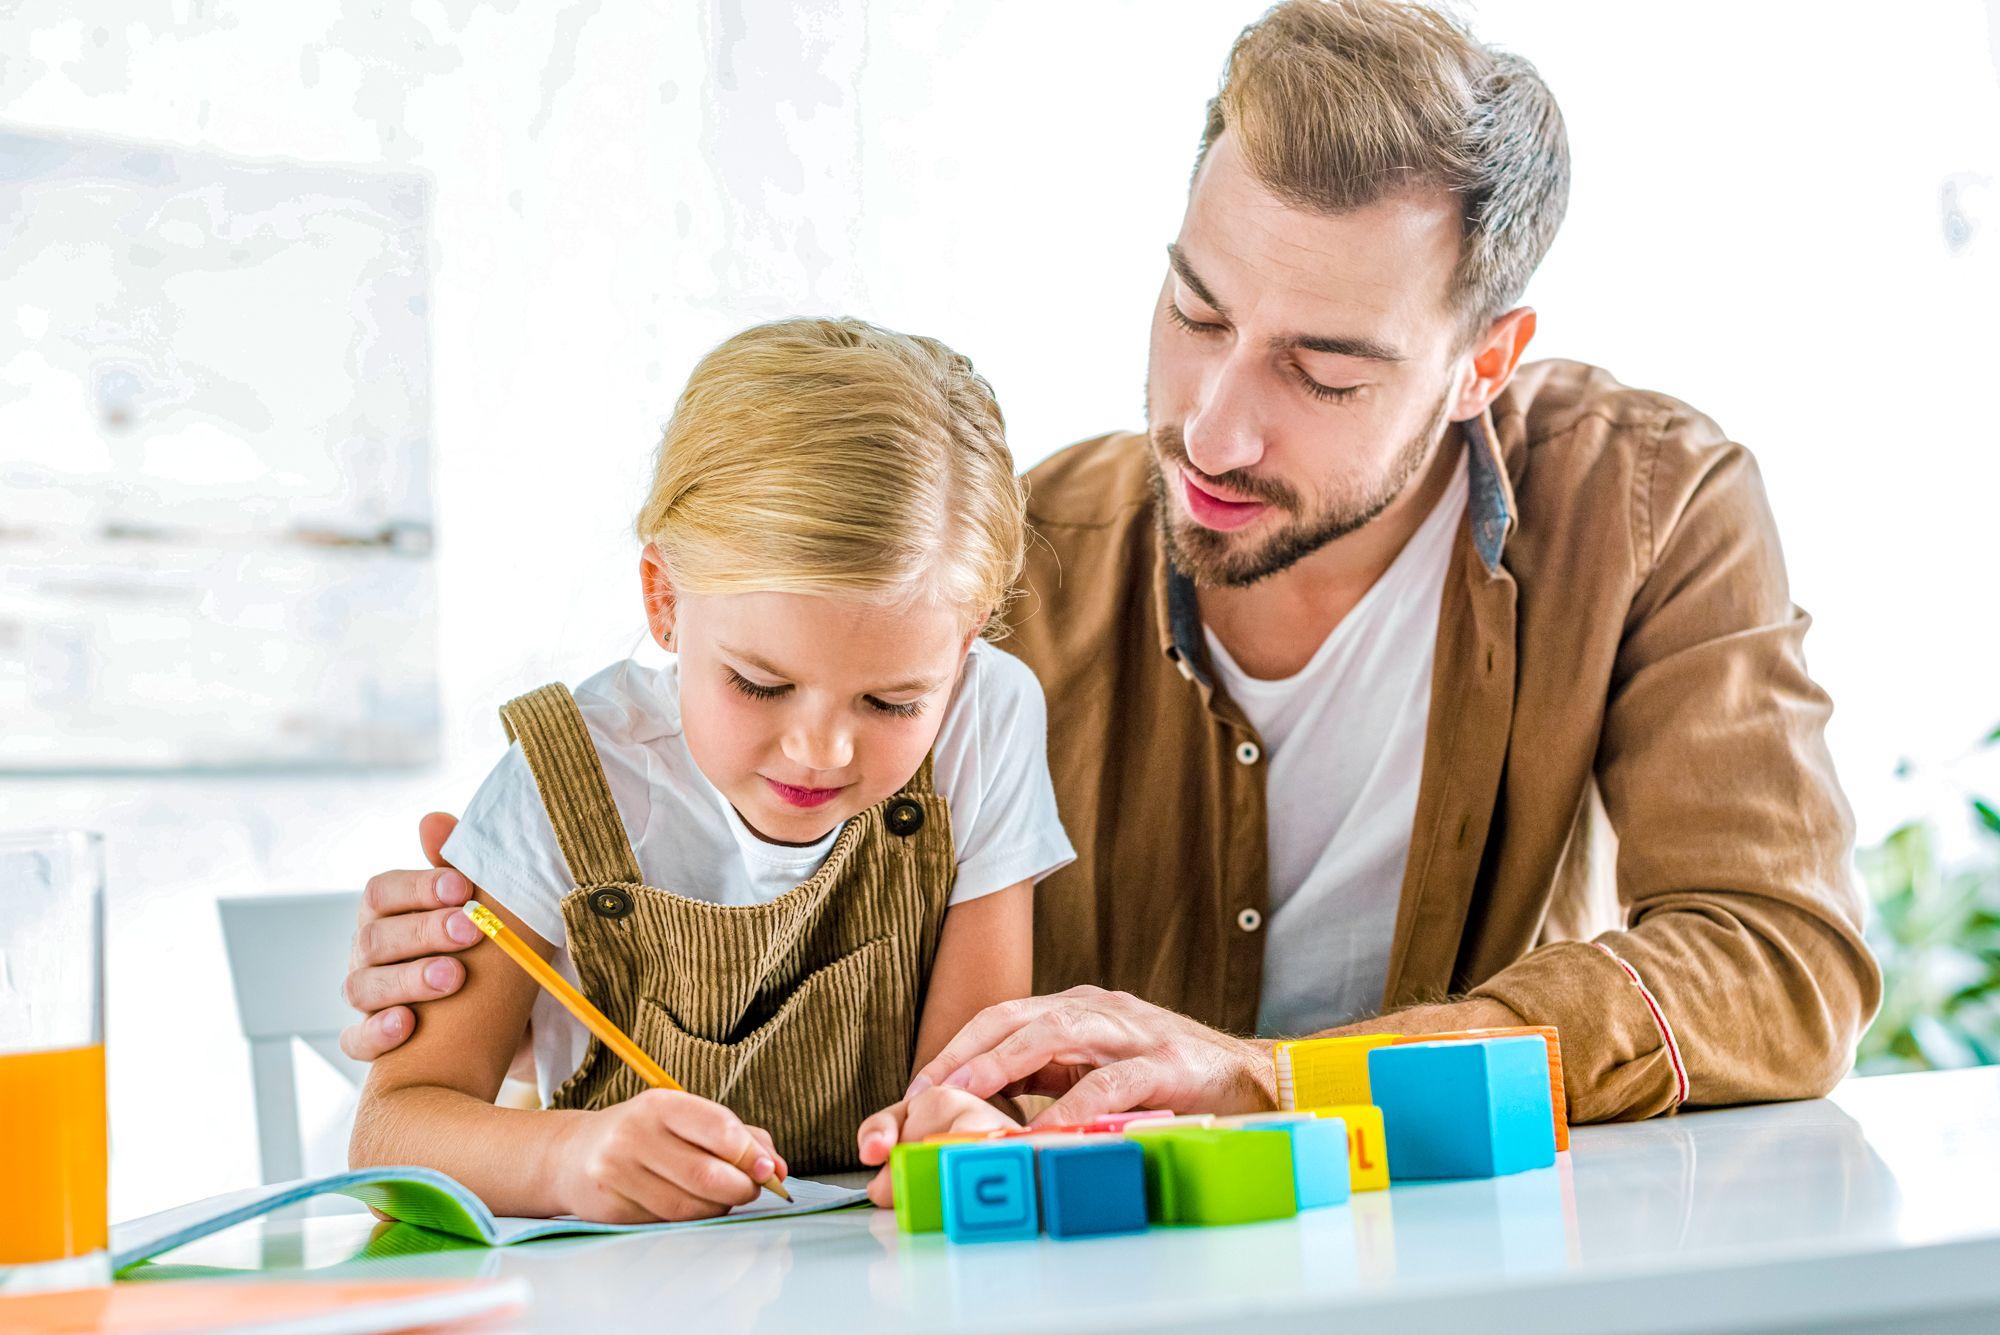 Educational Indoor Activities Kid Dad Doing Homework